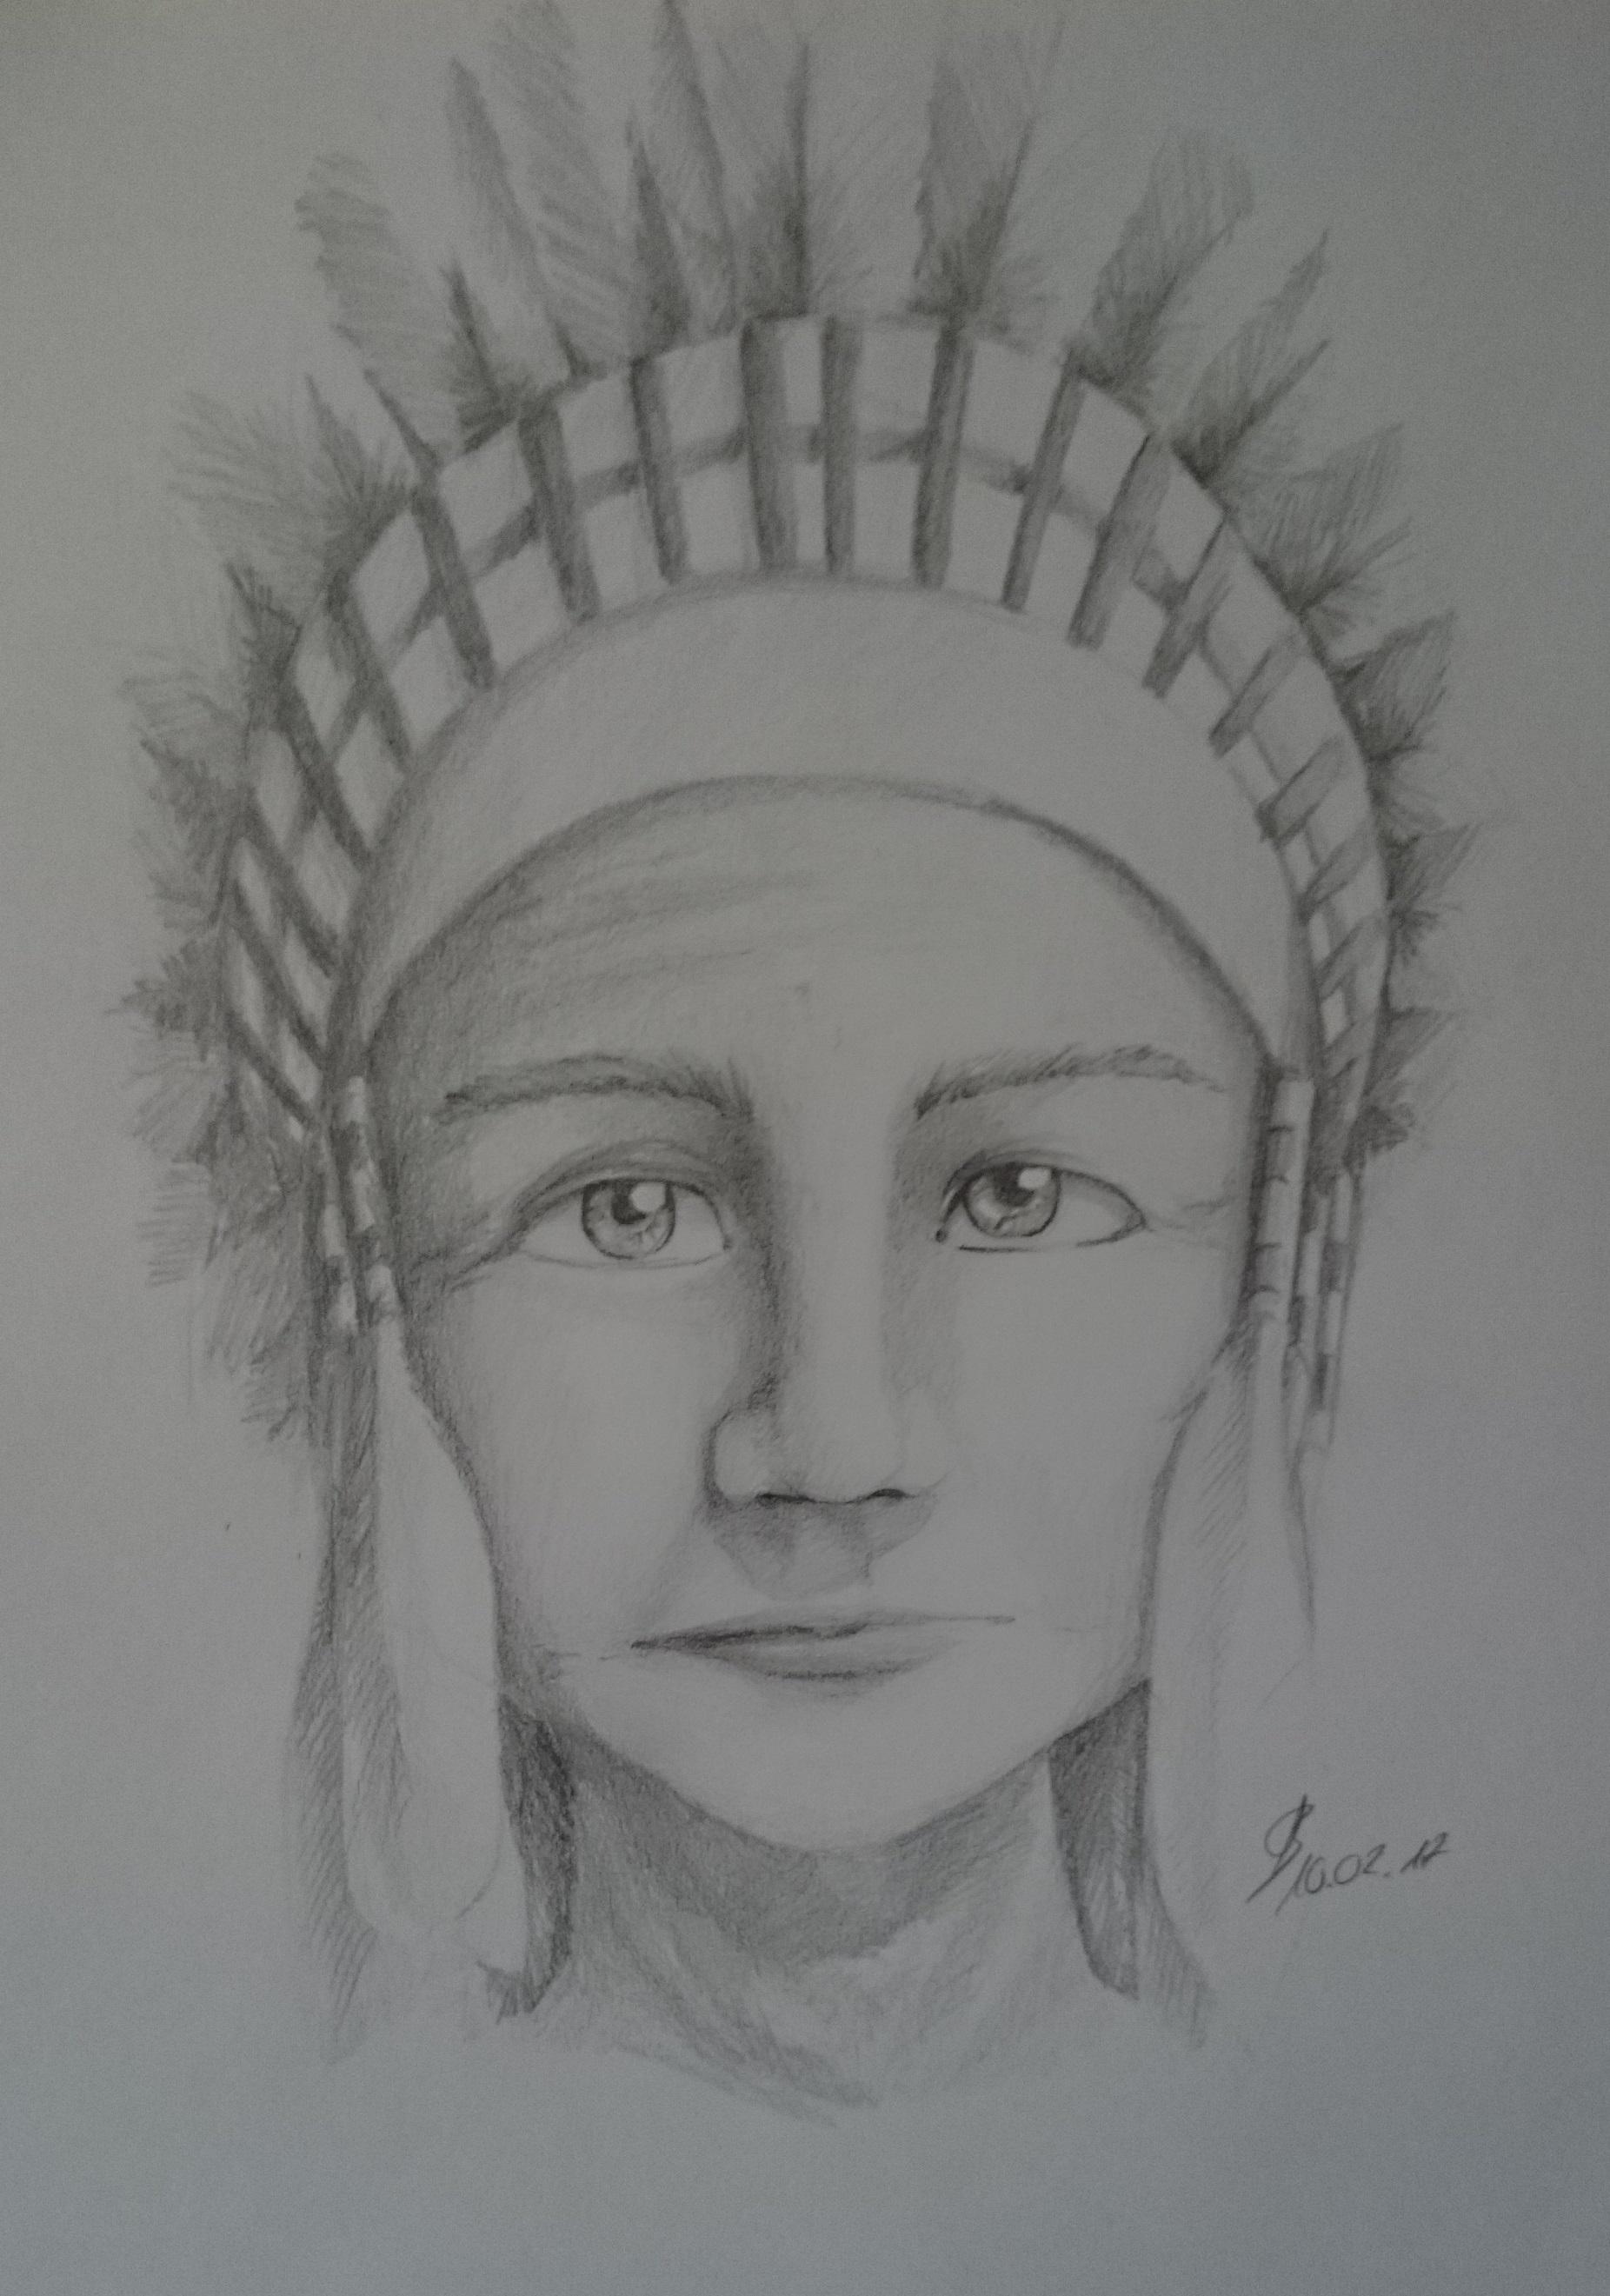 Chieftain